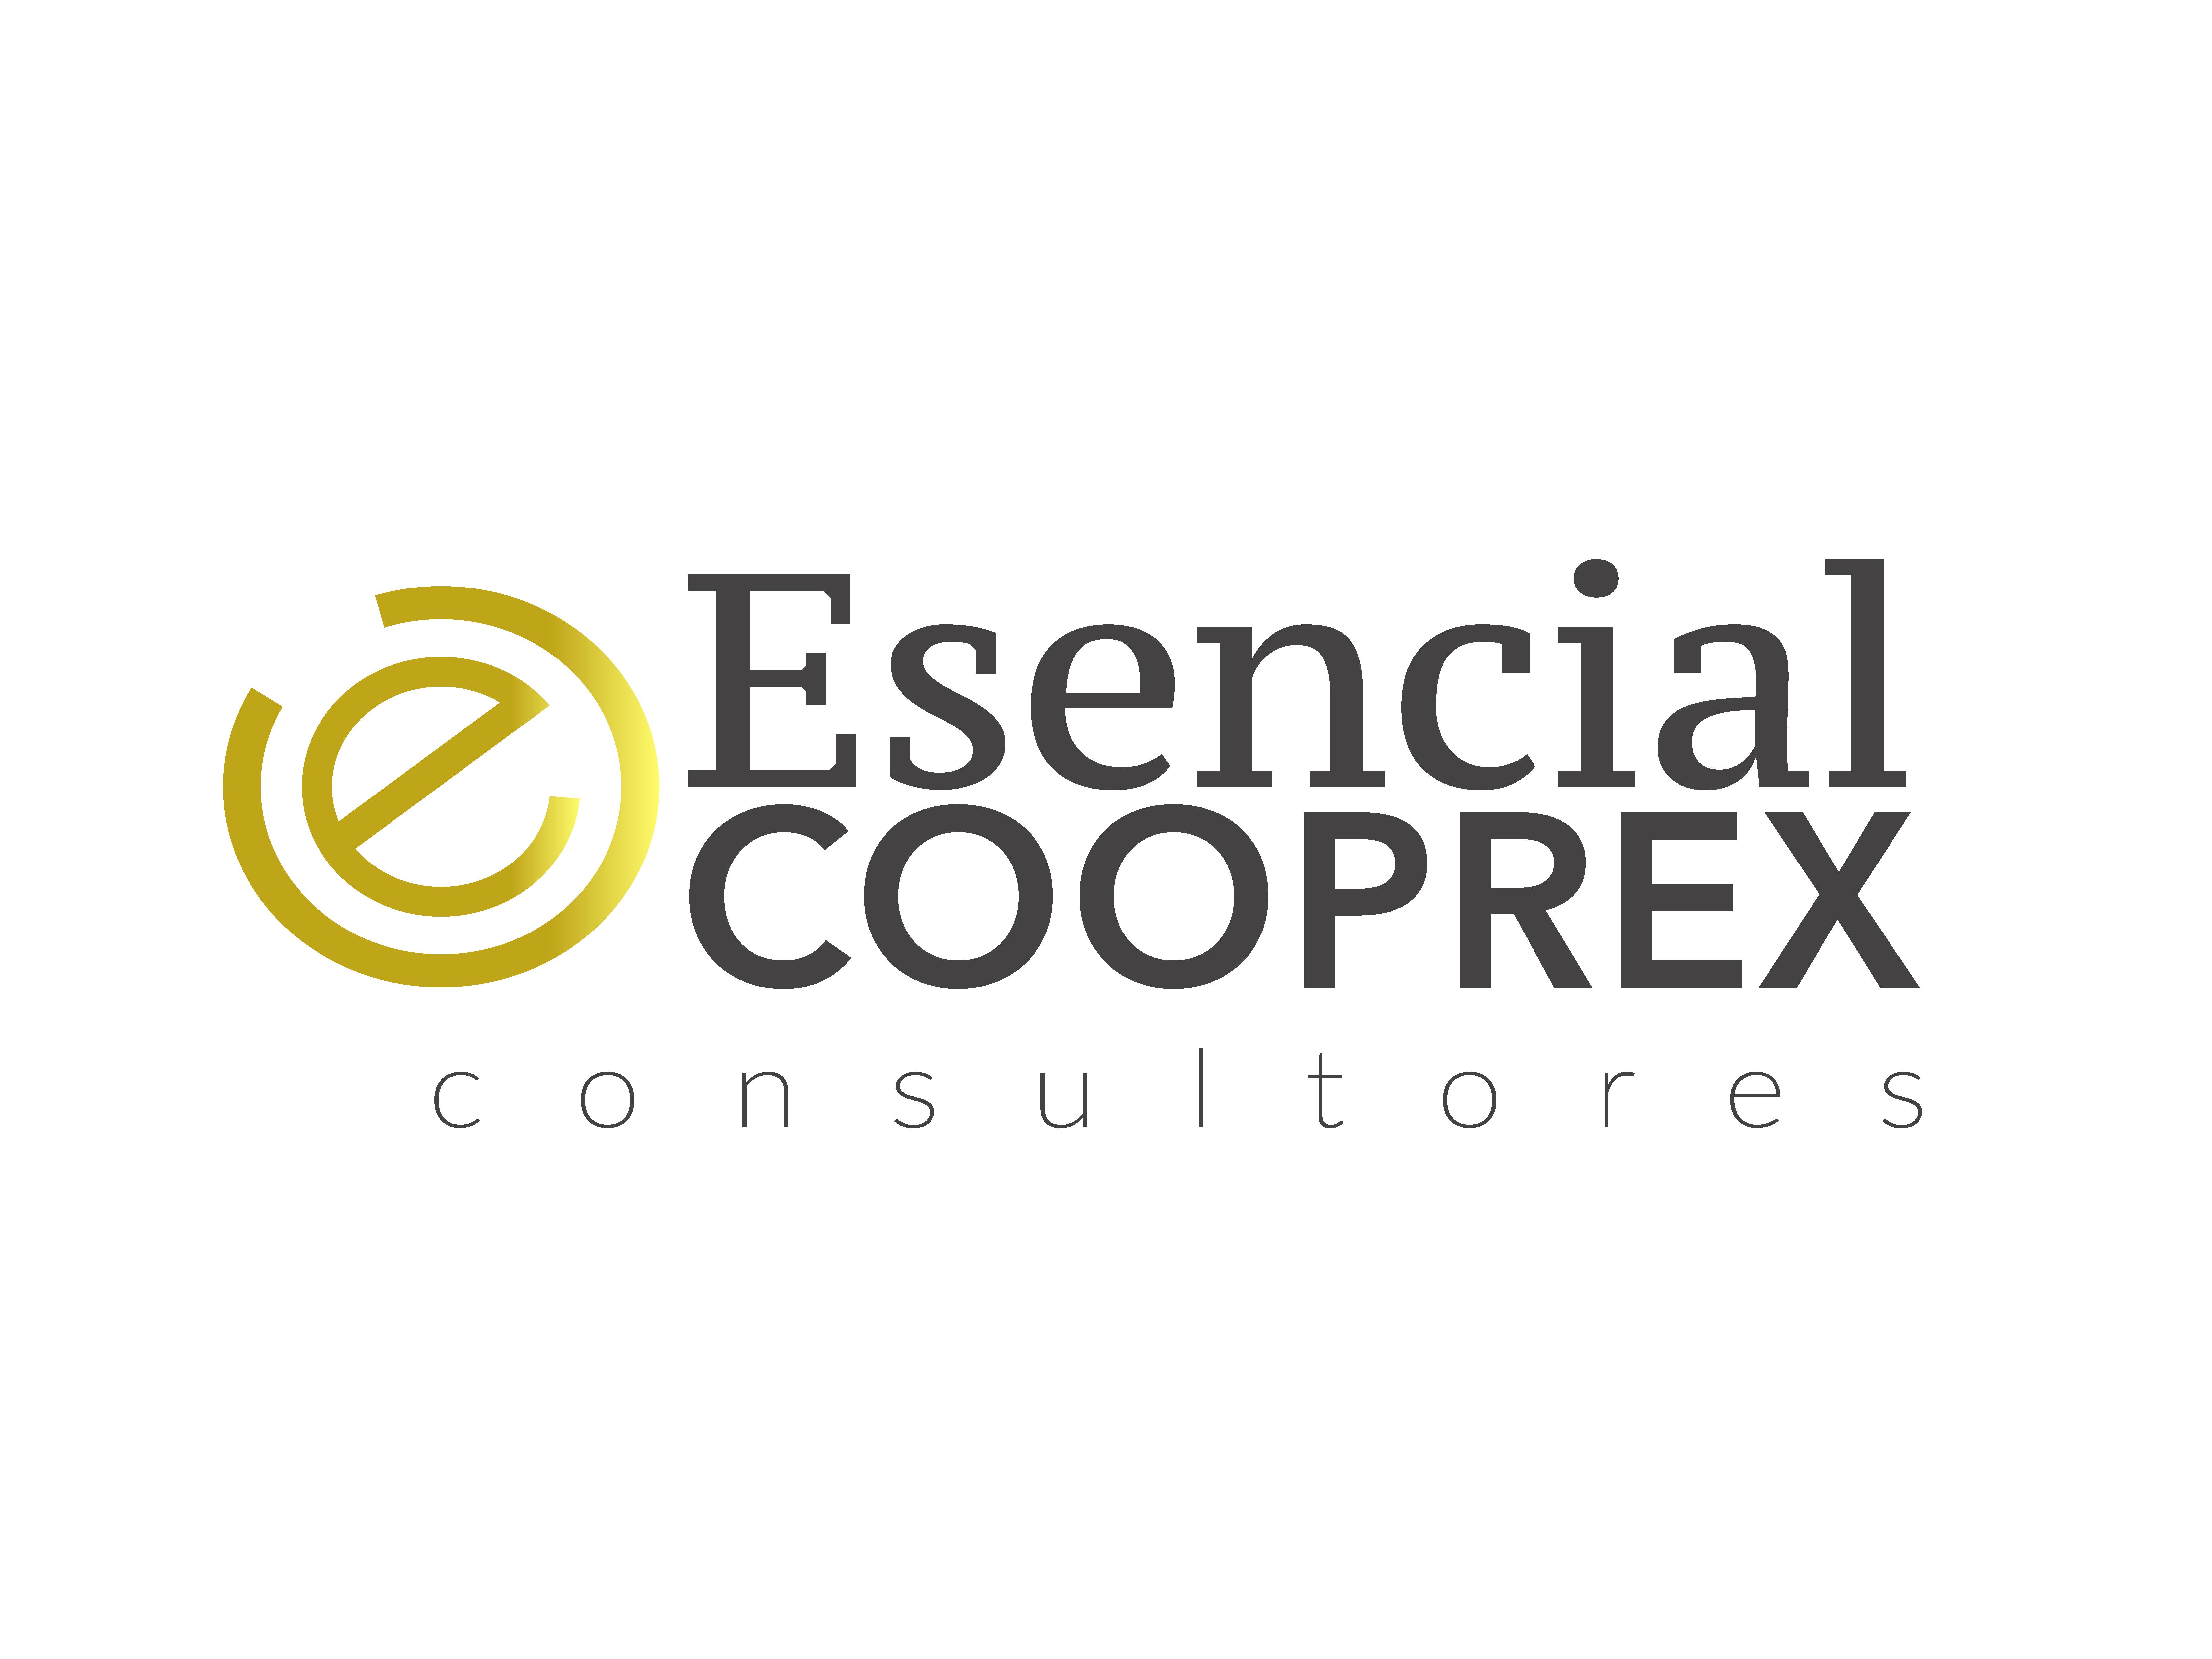 Empresas Desafio10x: Cooprex chile